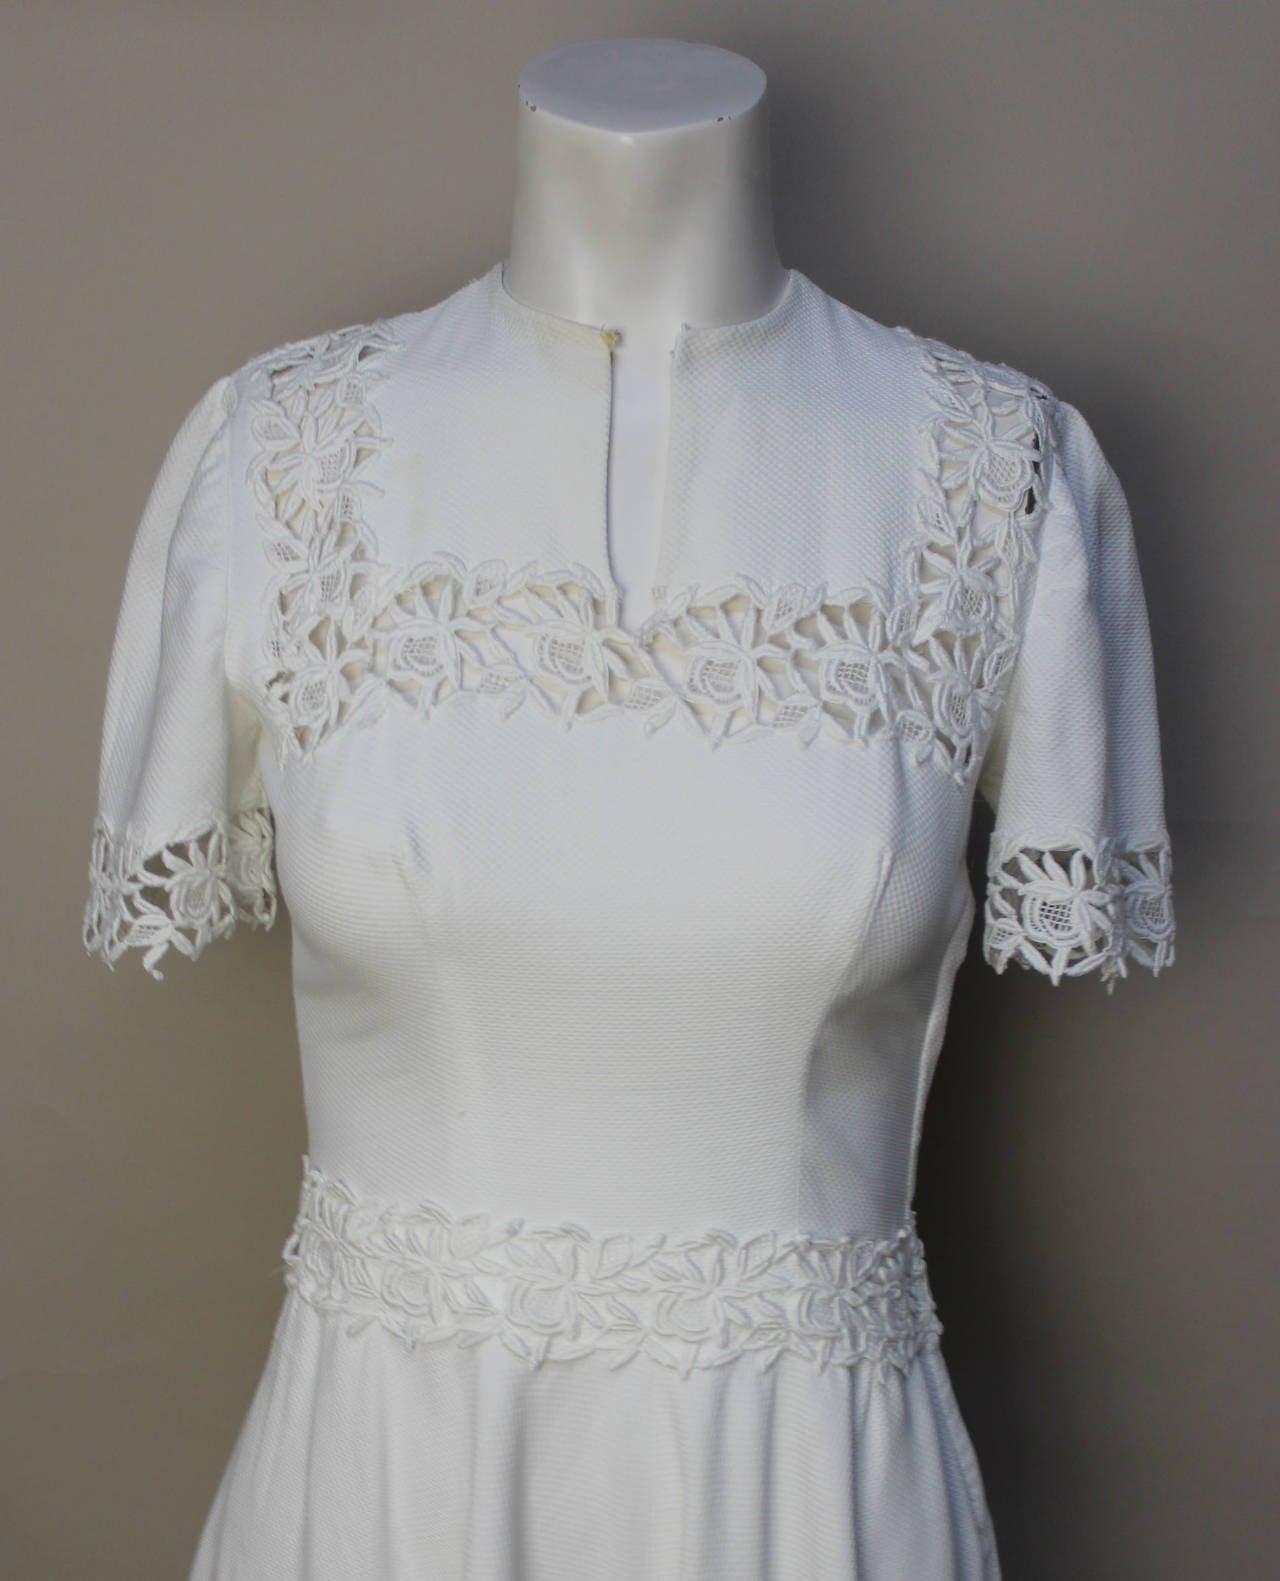 1940s/1950s Lawn Party White Pique Dress 5